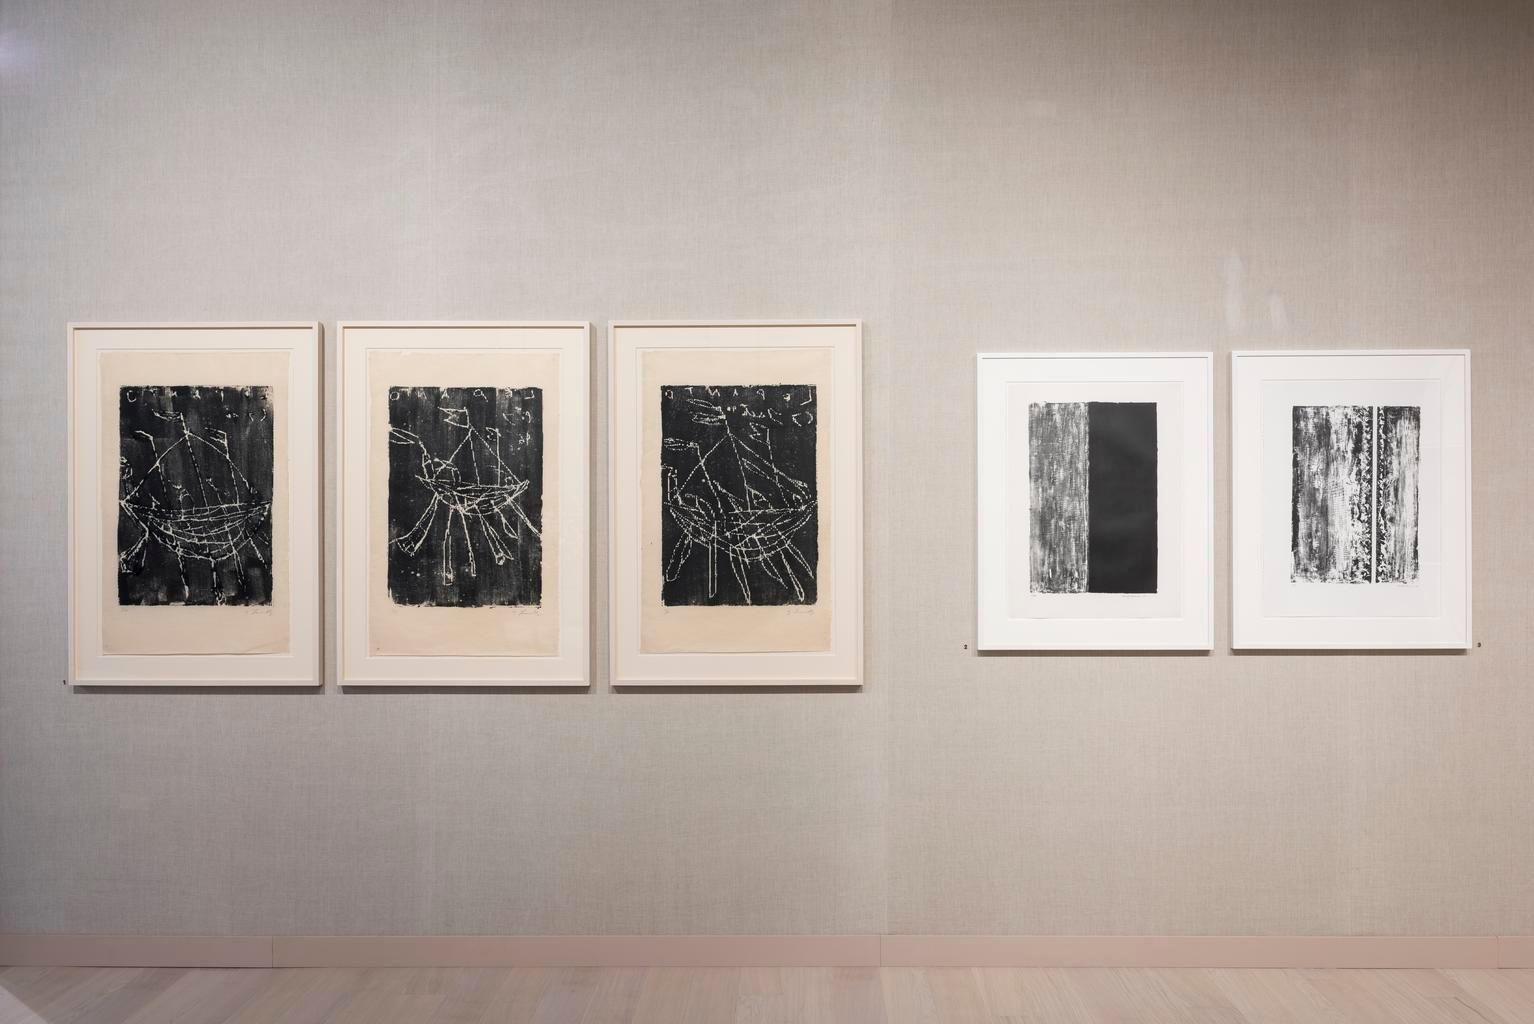 The Art Basel 2018 display